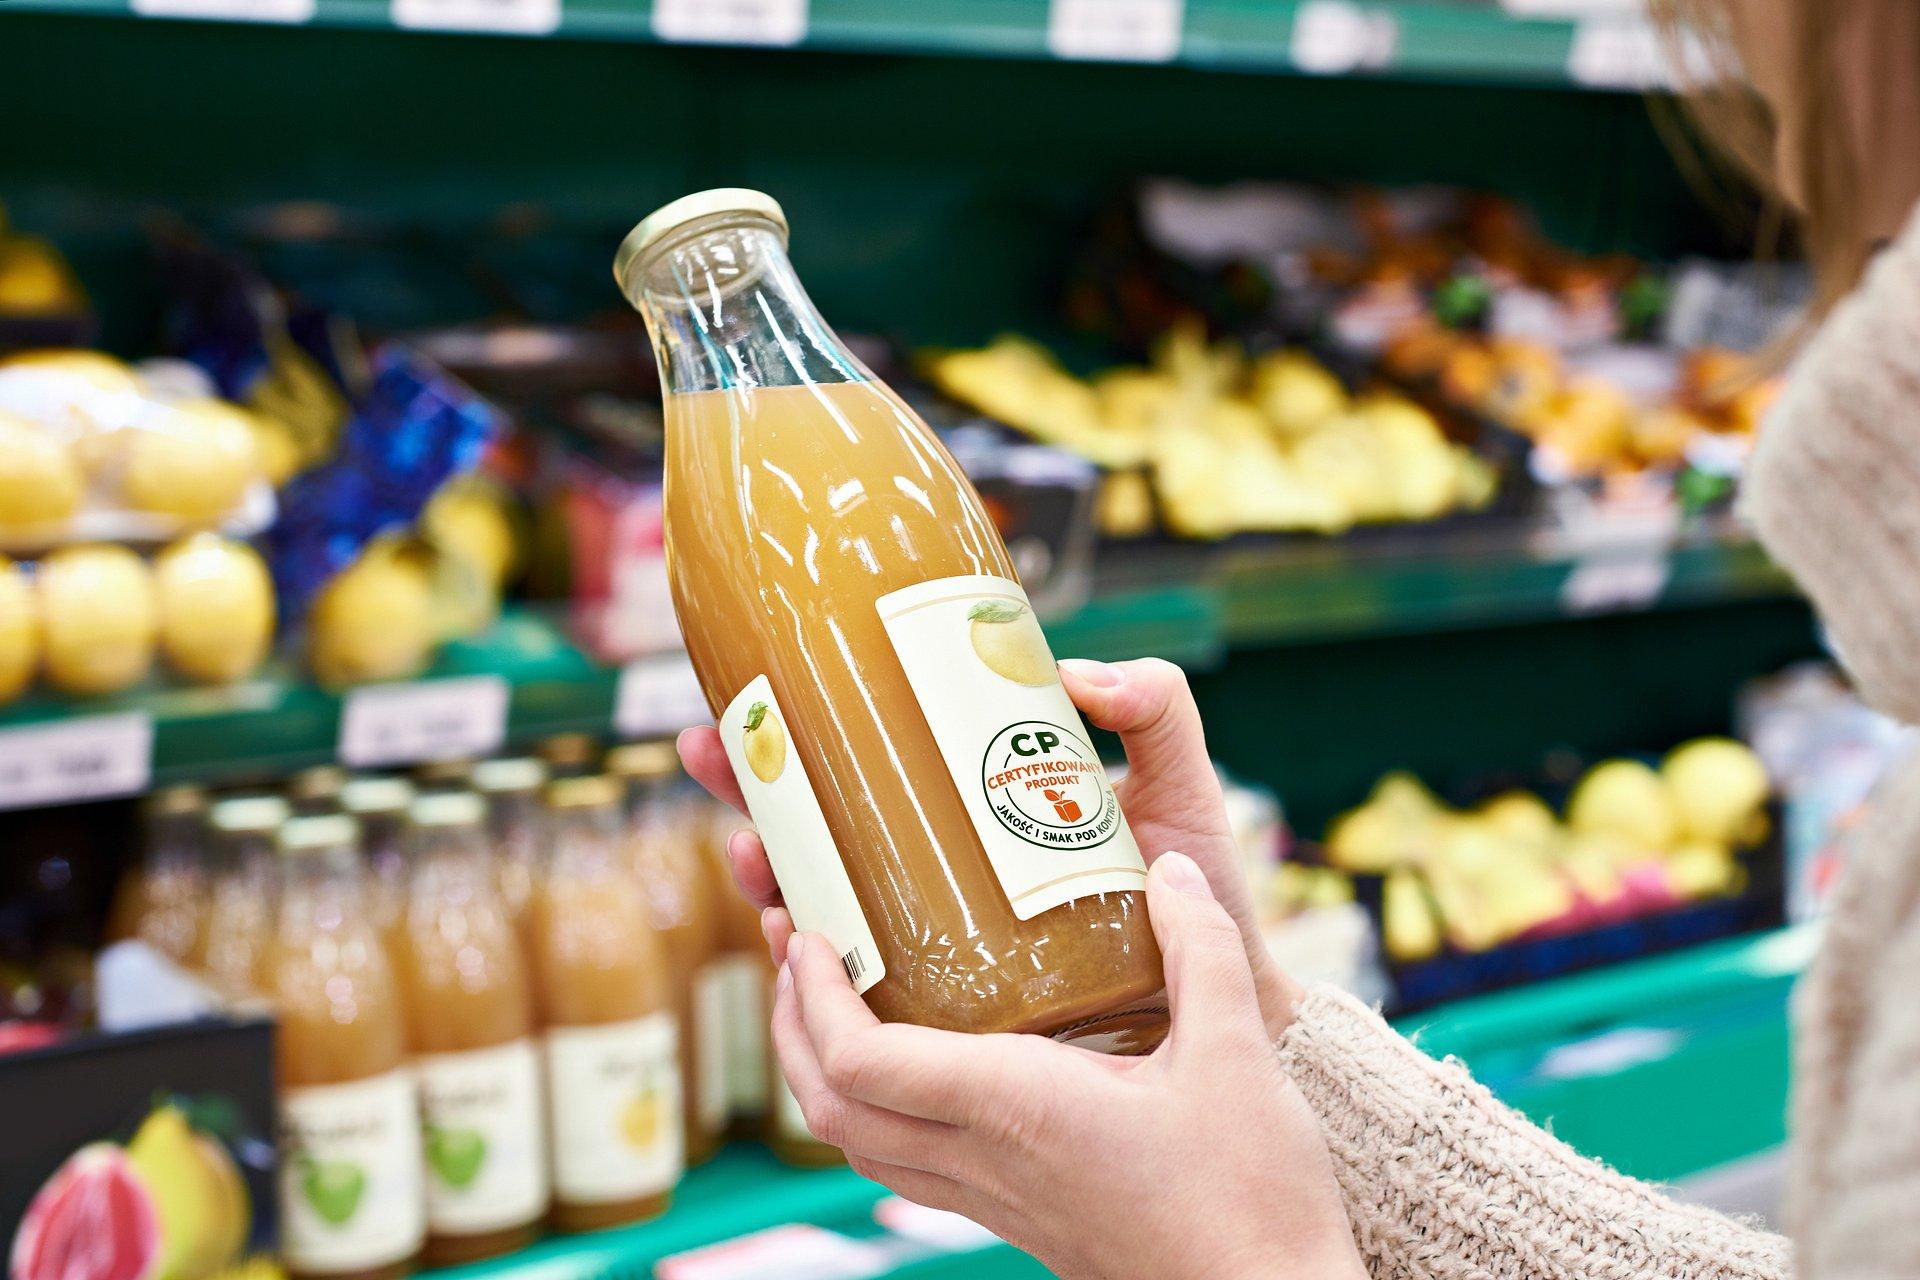 Sekretarz Generalny KUPS: Konsument oczekuje naturalnego składu produktu spożywczego